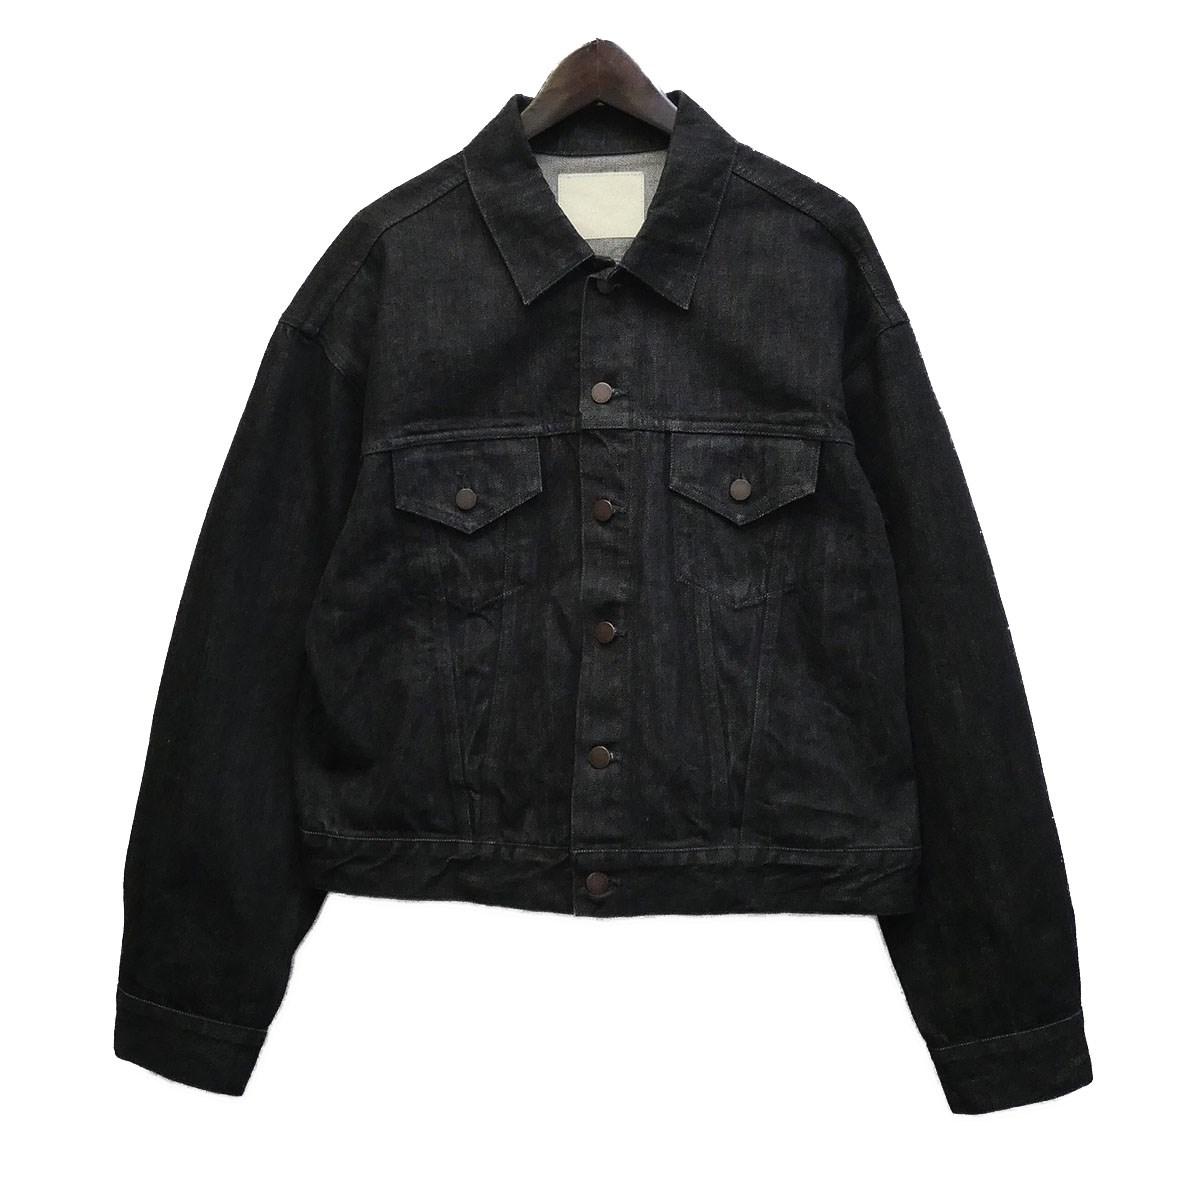 【中古】UNUSED 17AW デニムジャケット ブラック サイズ:2 【040620】(アンユーズド)